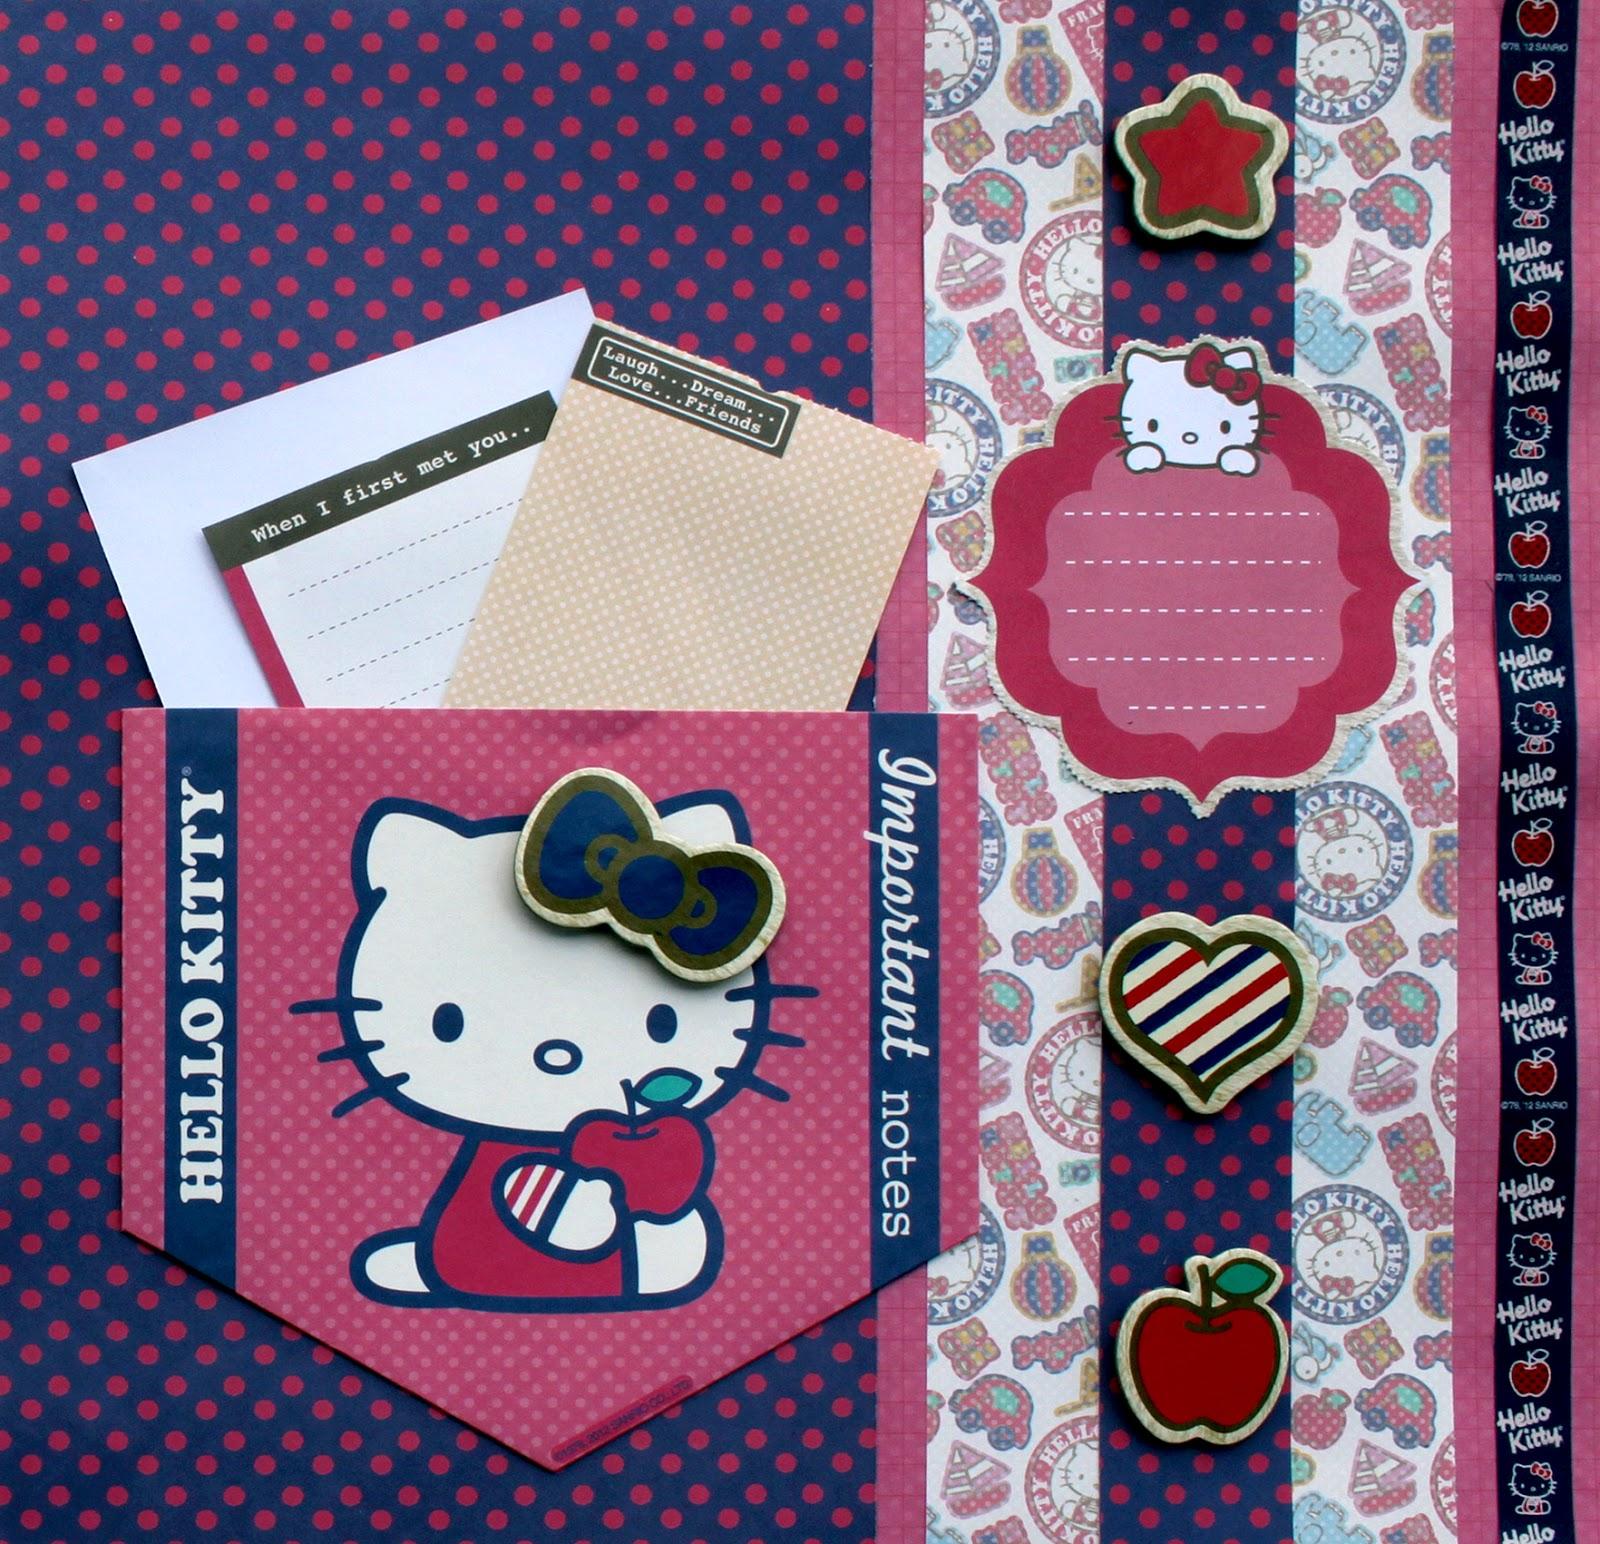 Hello kitty scrapbook ideas - Hello Kitty Scrapbook Ideas 10